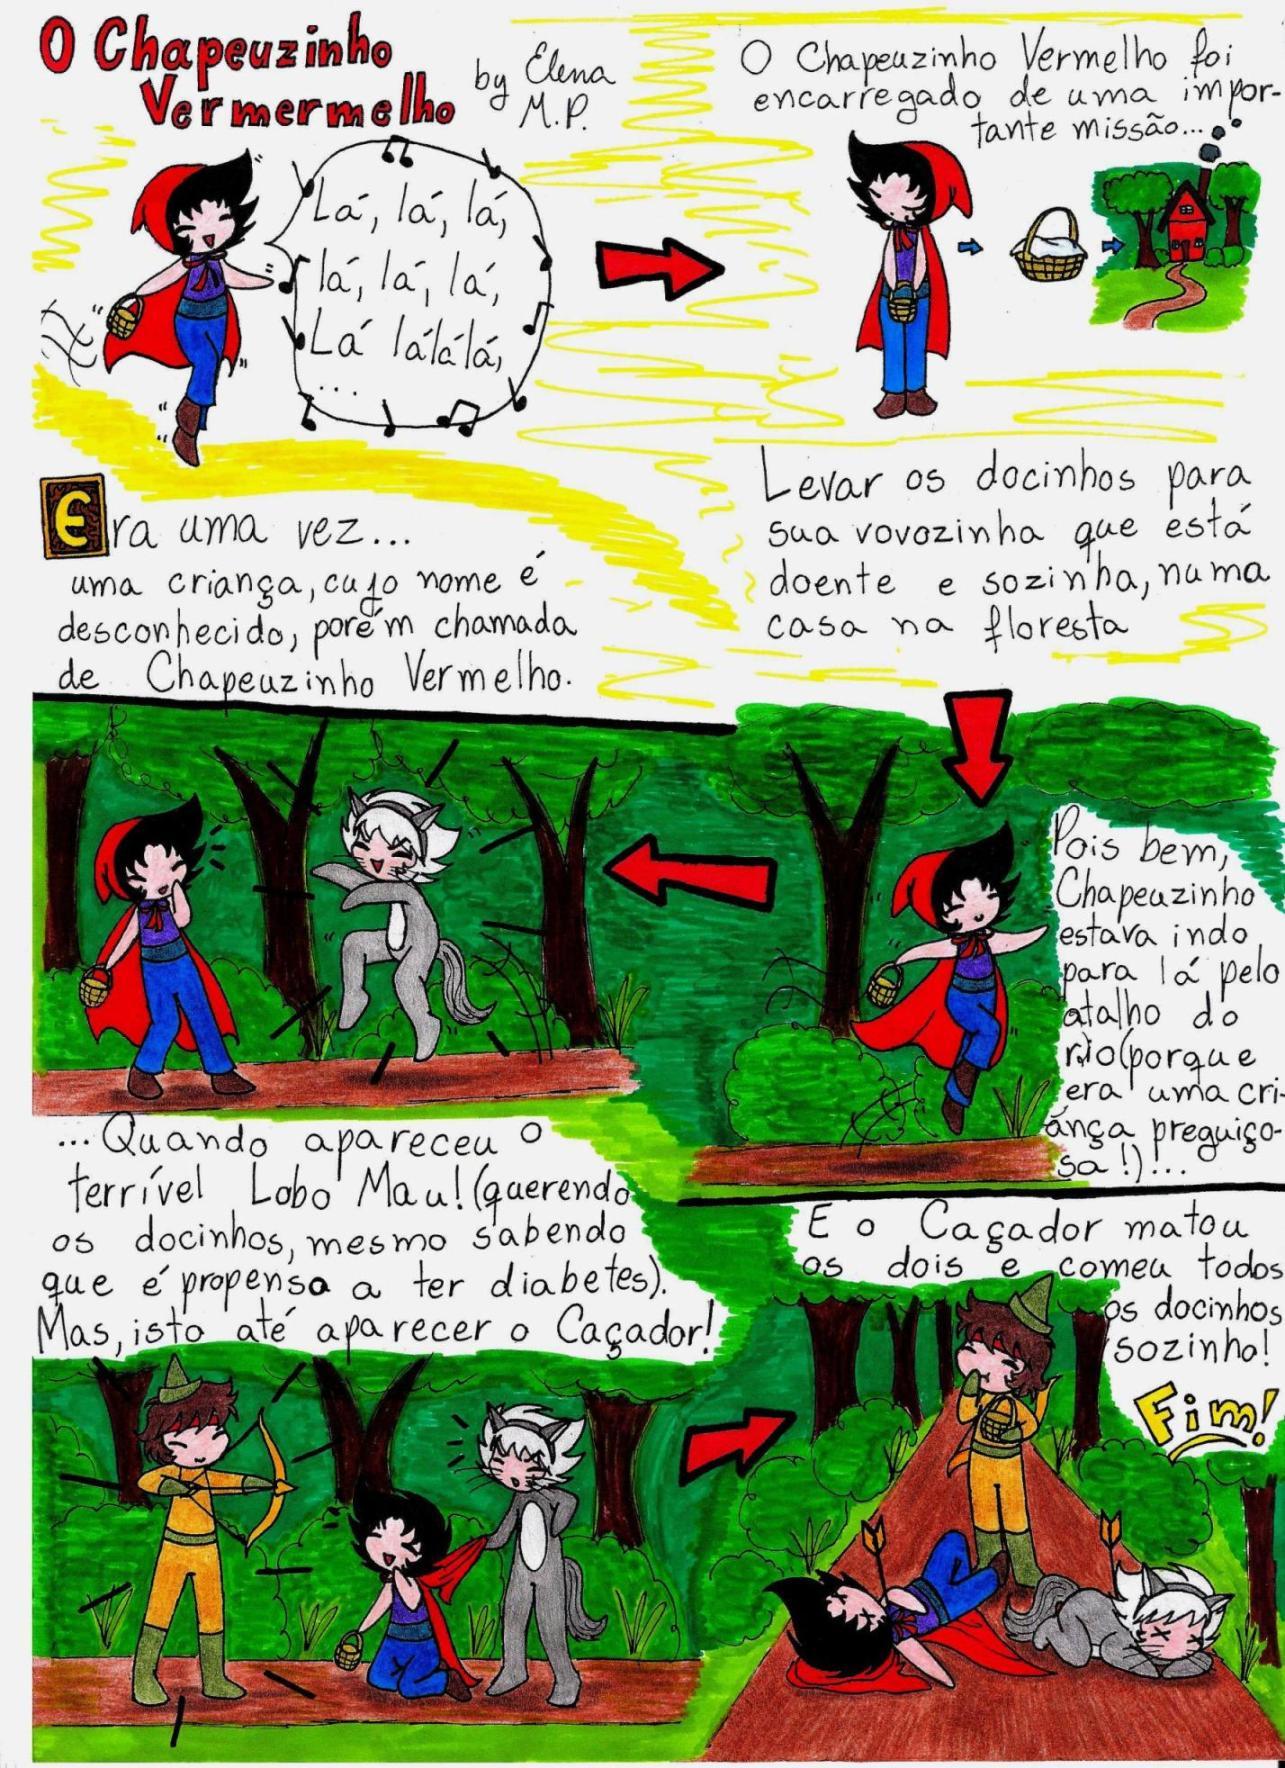 Chapeuzinho Vermelho Colorido by ElenaMP